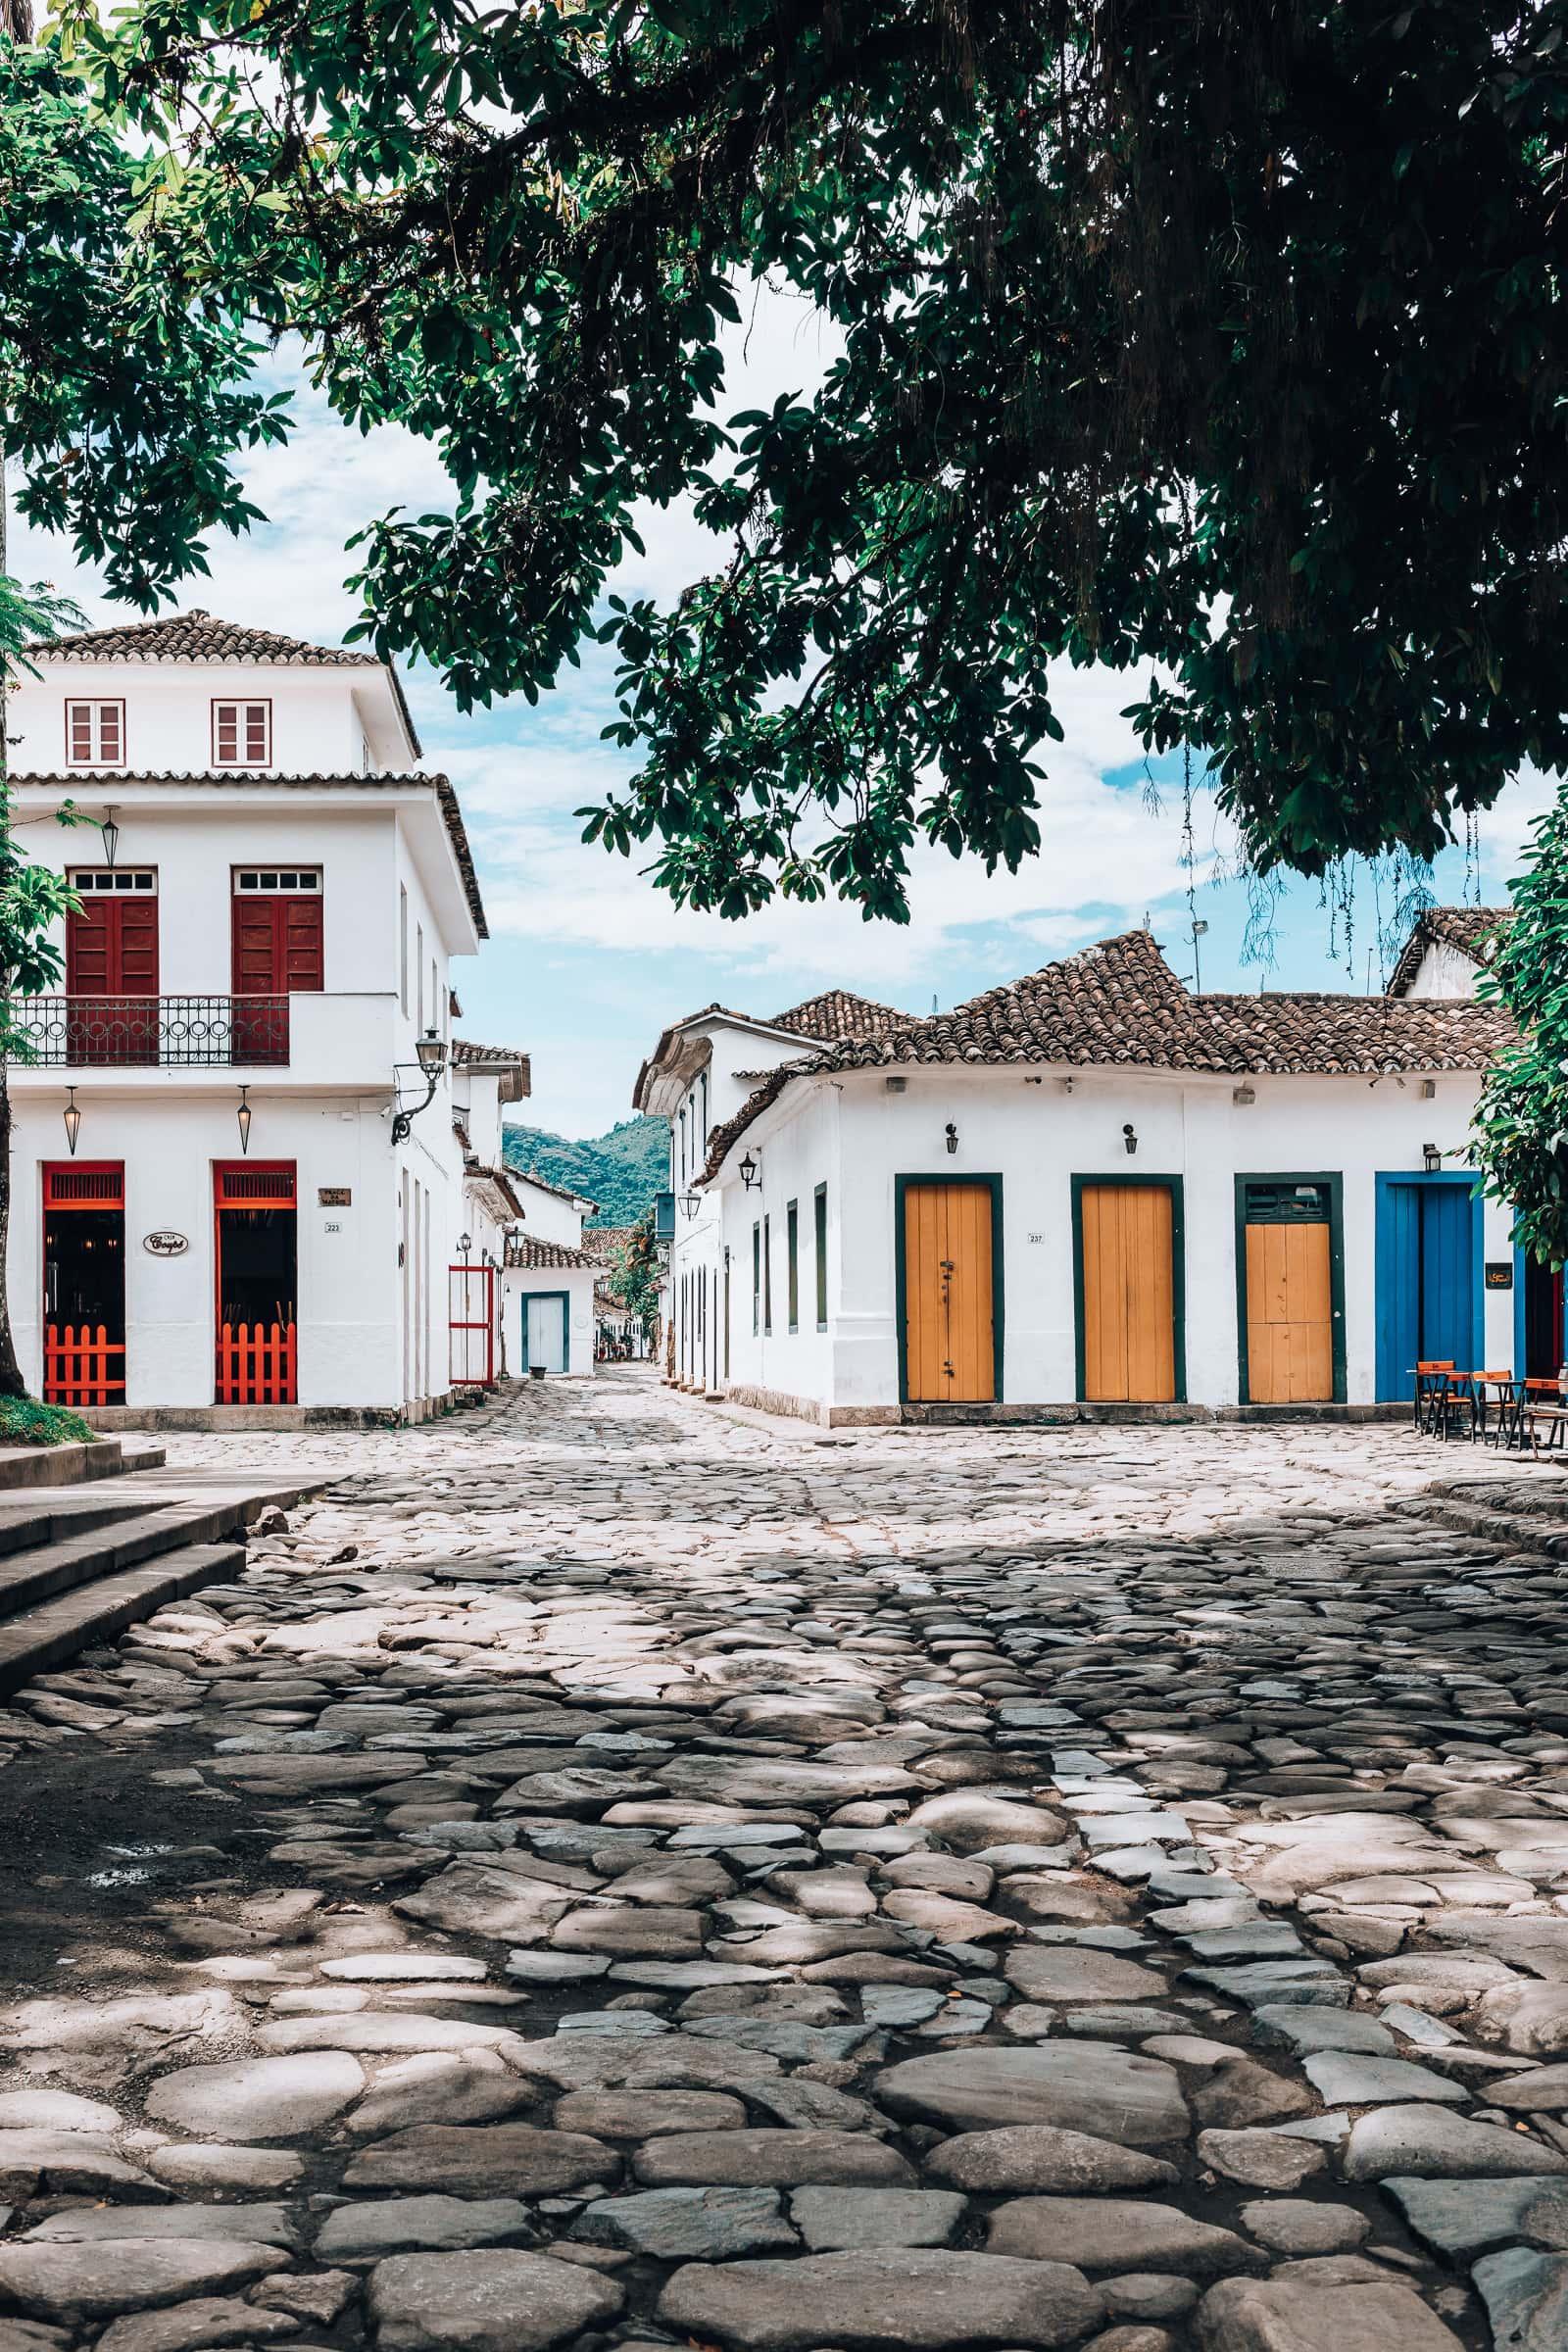 Praça da Matriz Marktplatz in Paraty Brasilien